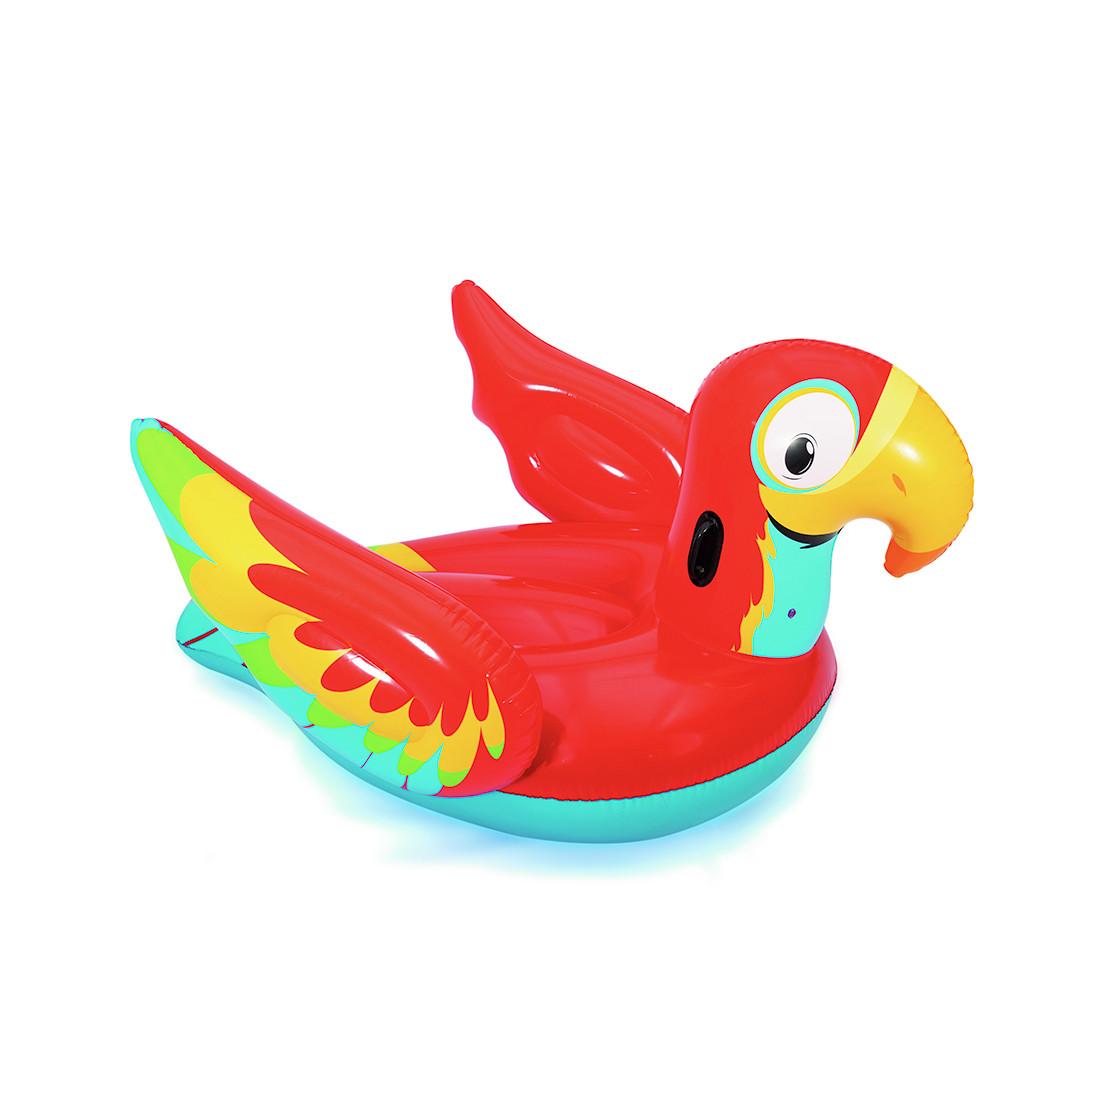 Надувной плот/игрушка для катания верхом BESTWAY 41127 Попугай Peppy Parrot (203х132см)